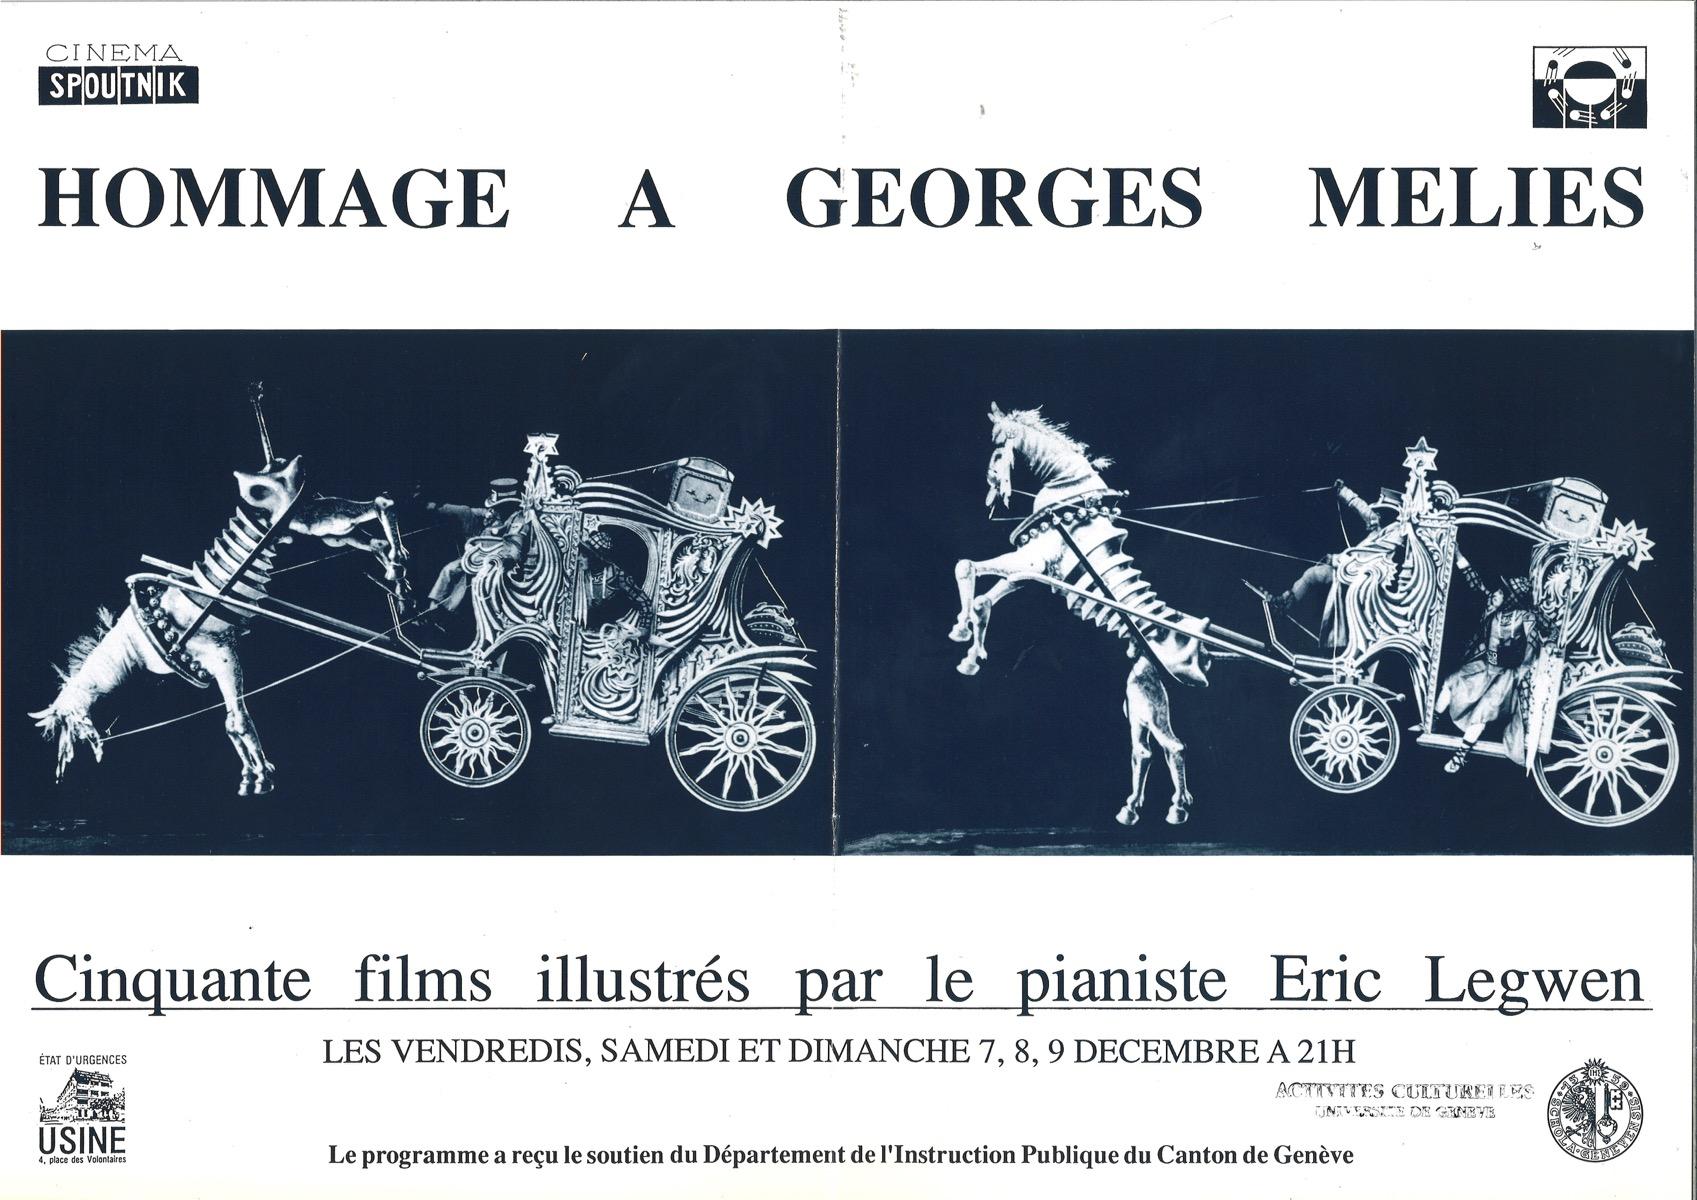 Hommage à George Méliès